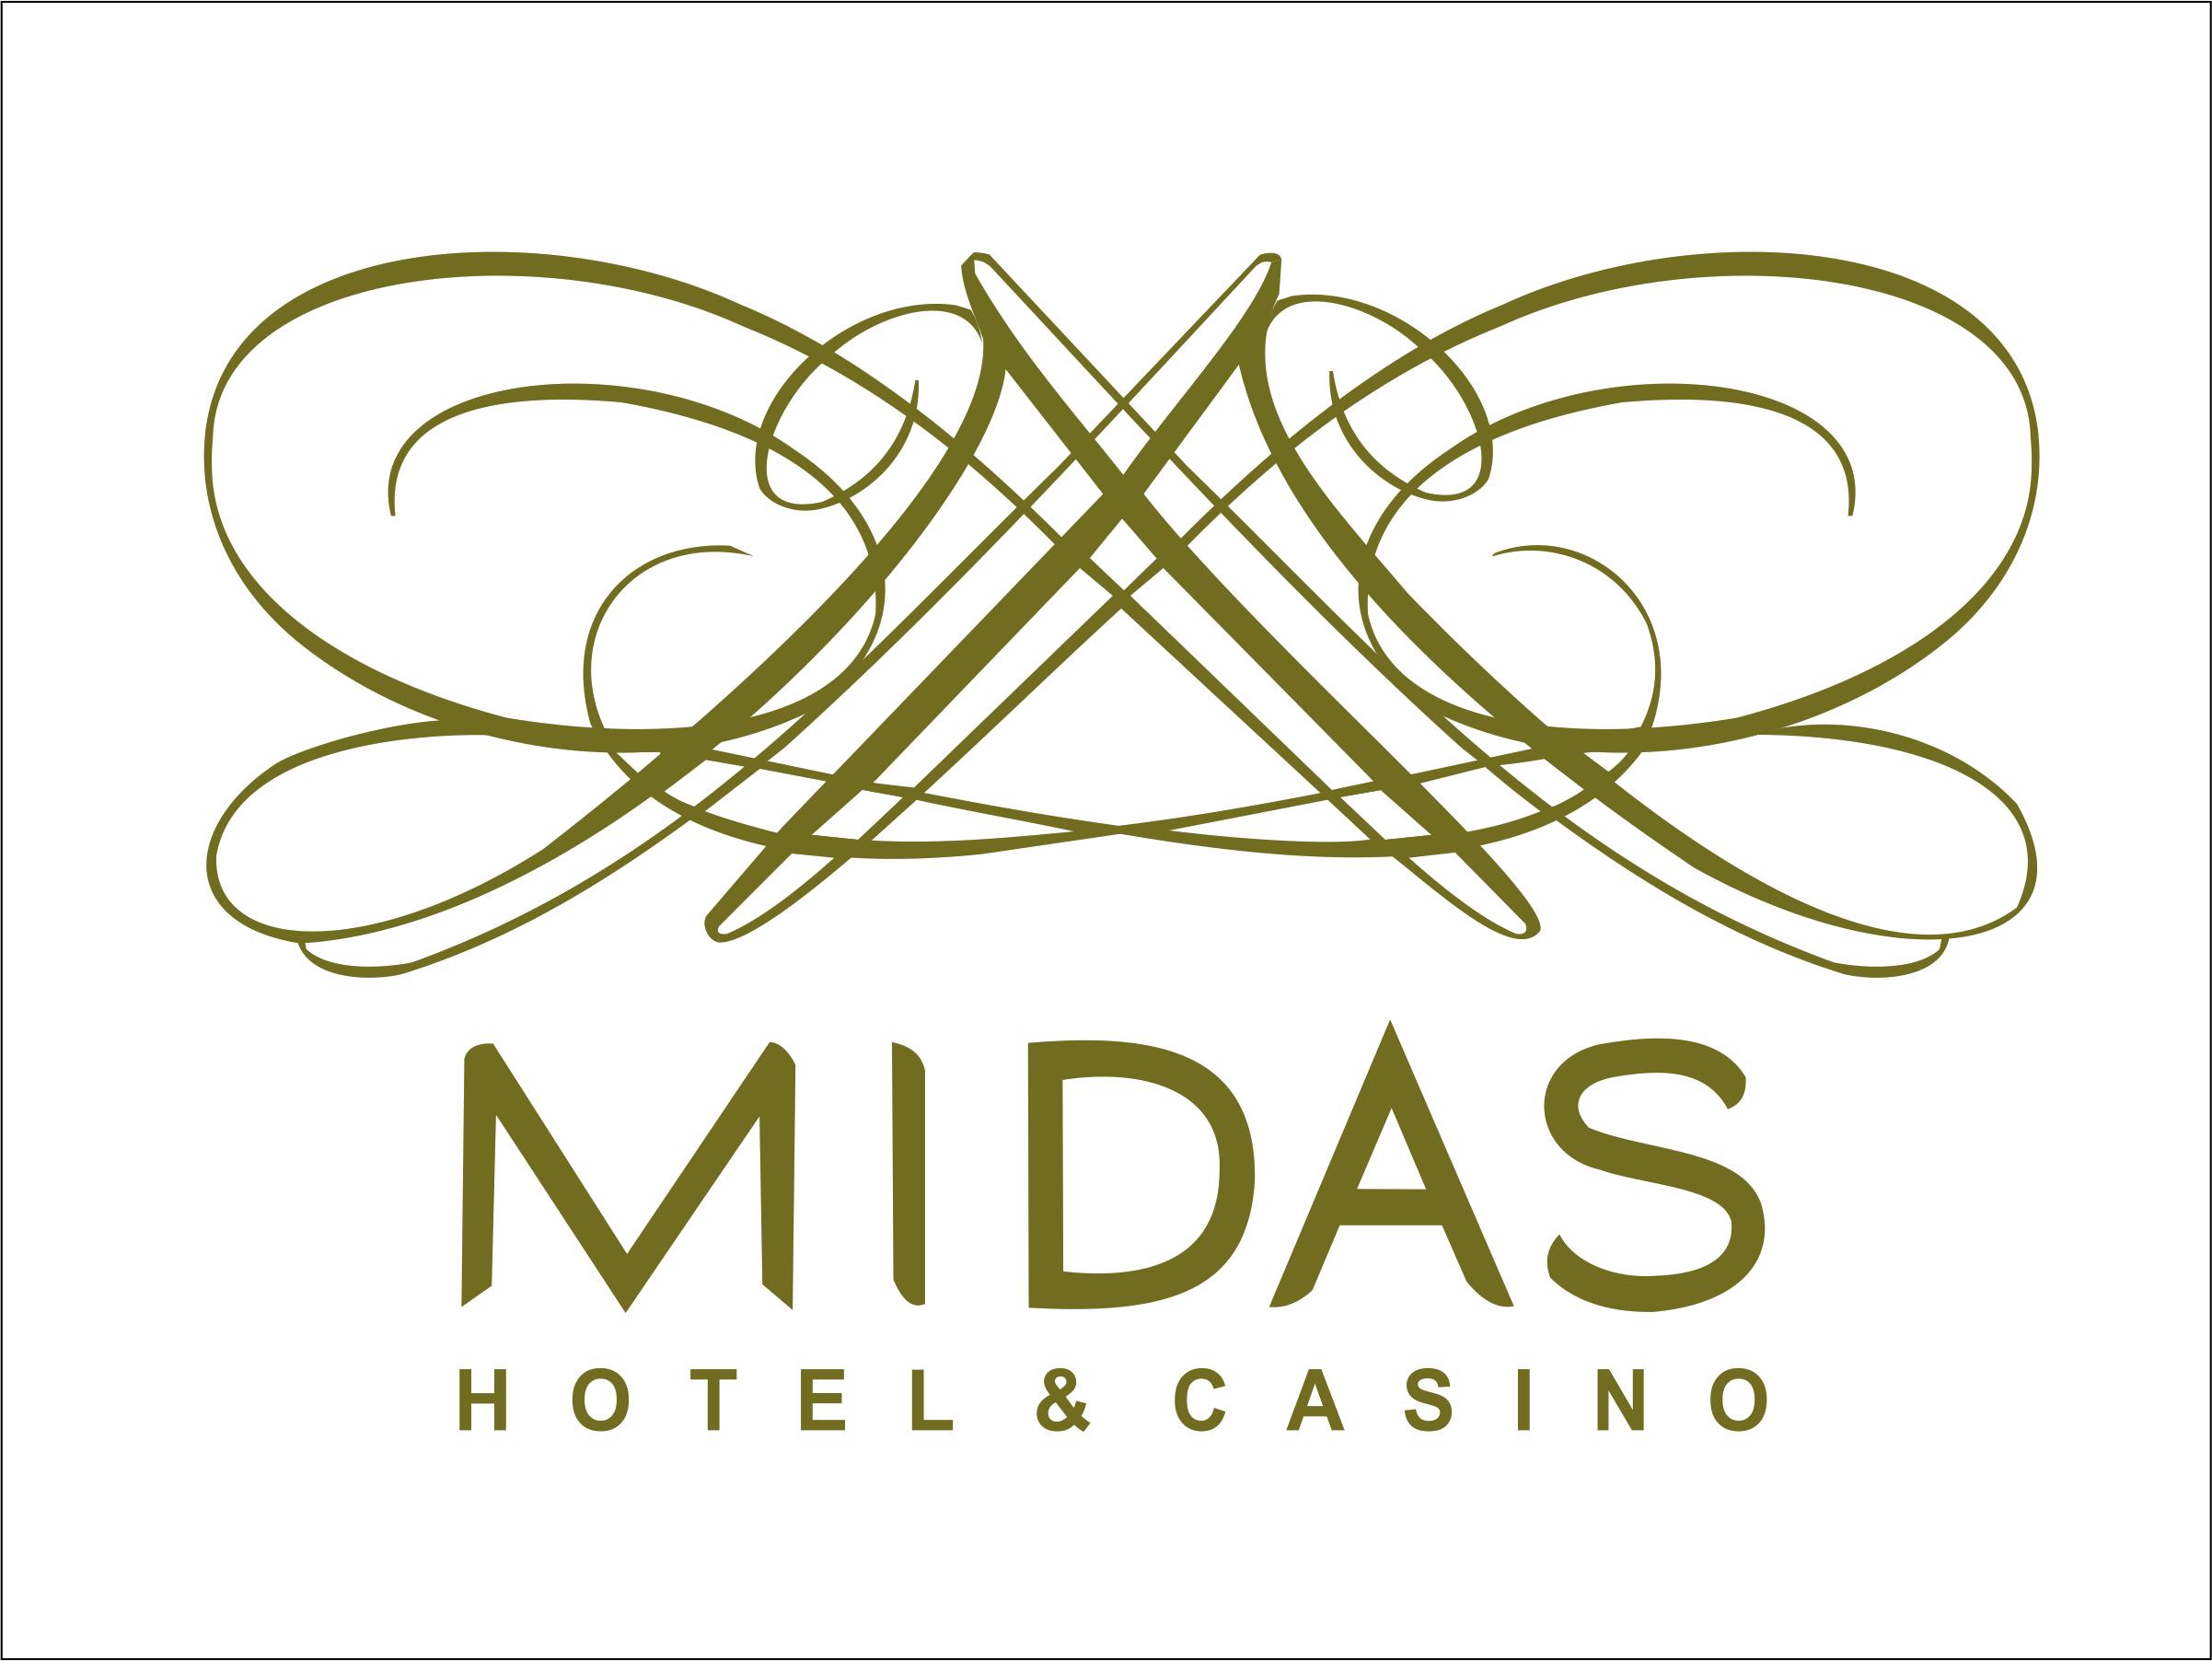 MIDAS HOTEL AND CASINO